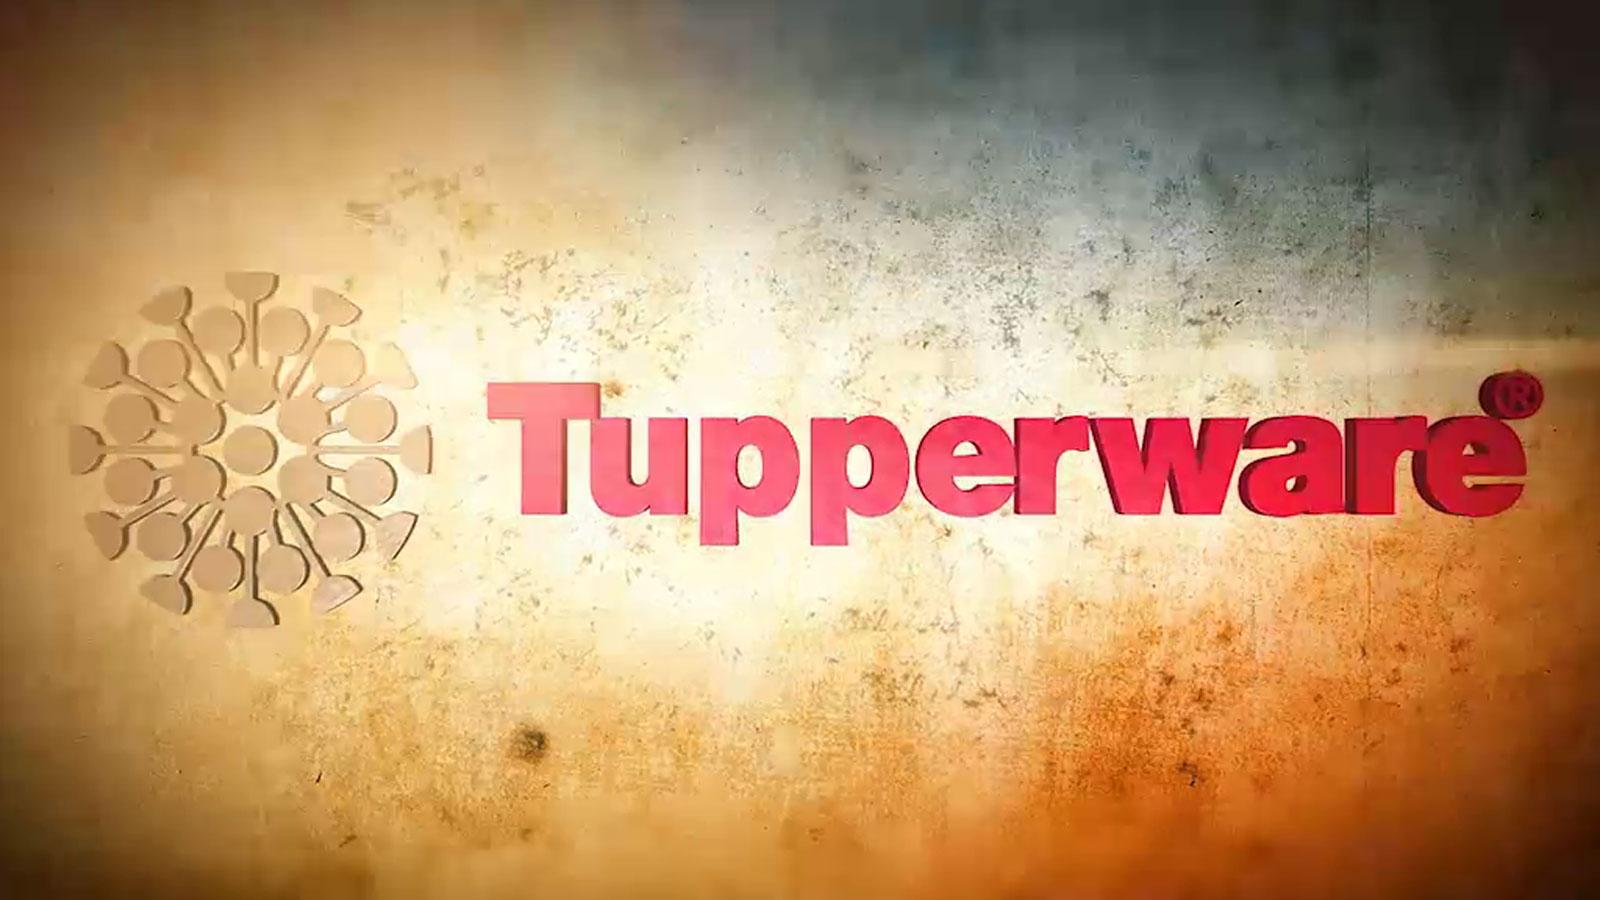 2013_TUPPERWARE_videostoria8